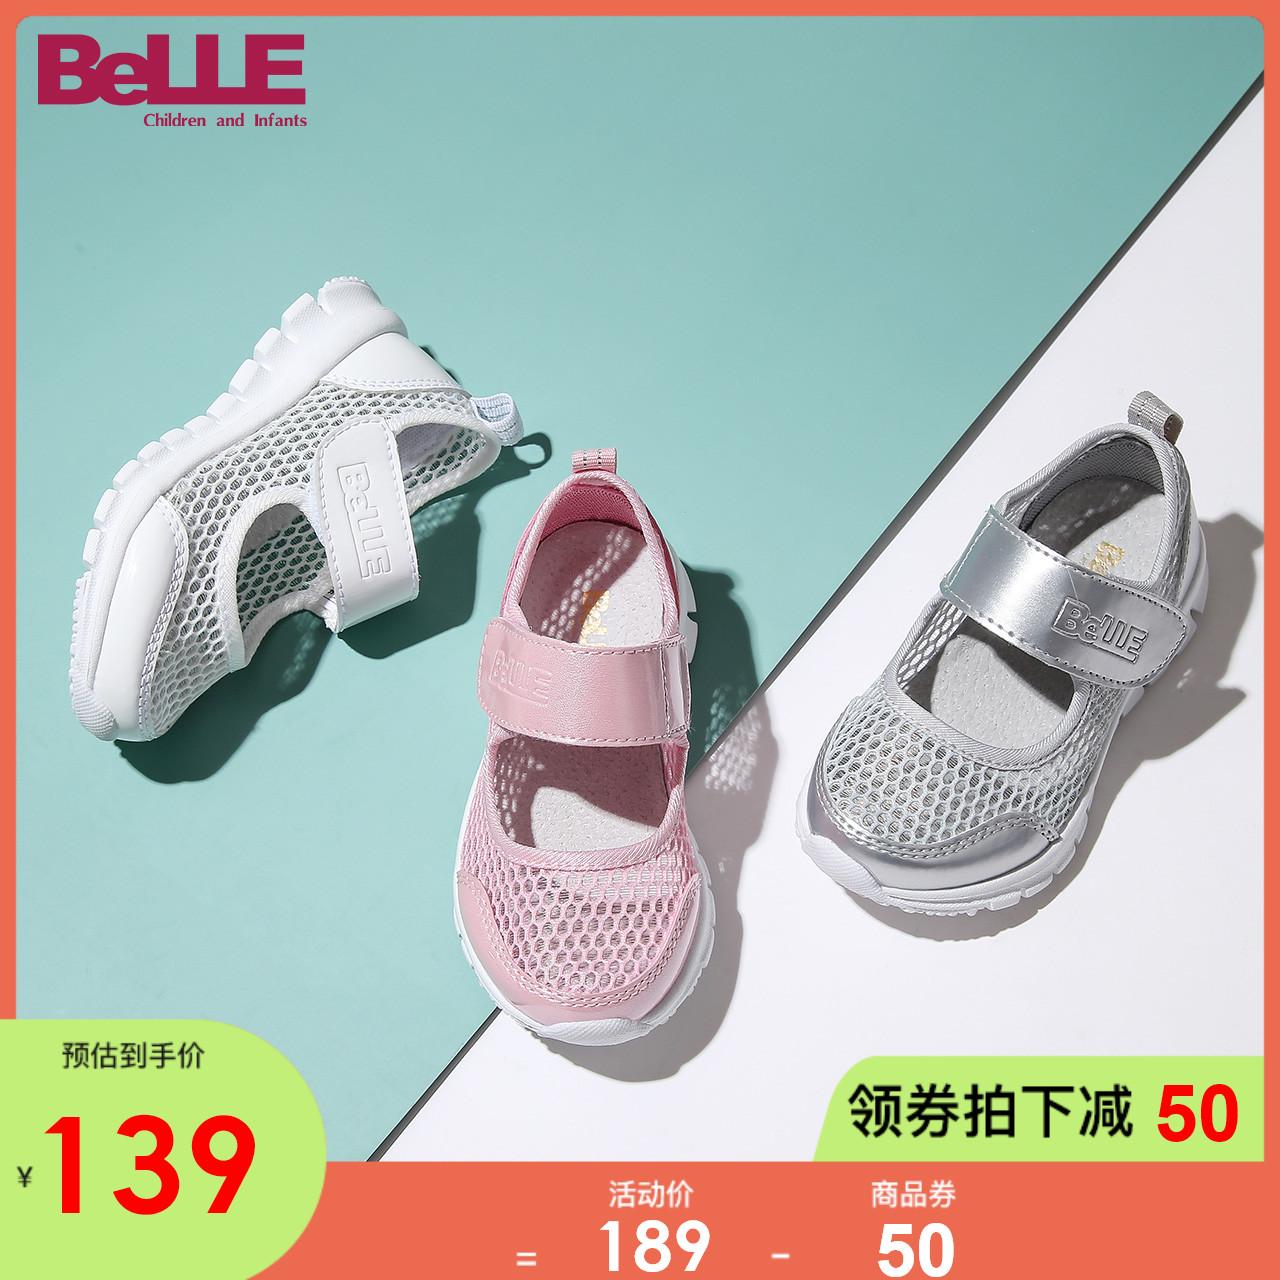 百丽童鞋儿童运动鞋春夏中童透气轻便单网鞋女童休闲鞋小女孩鞋子